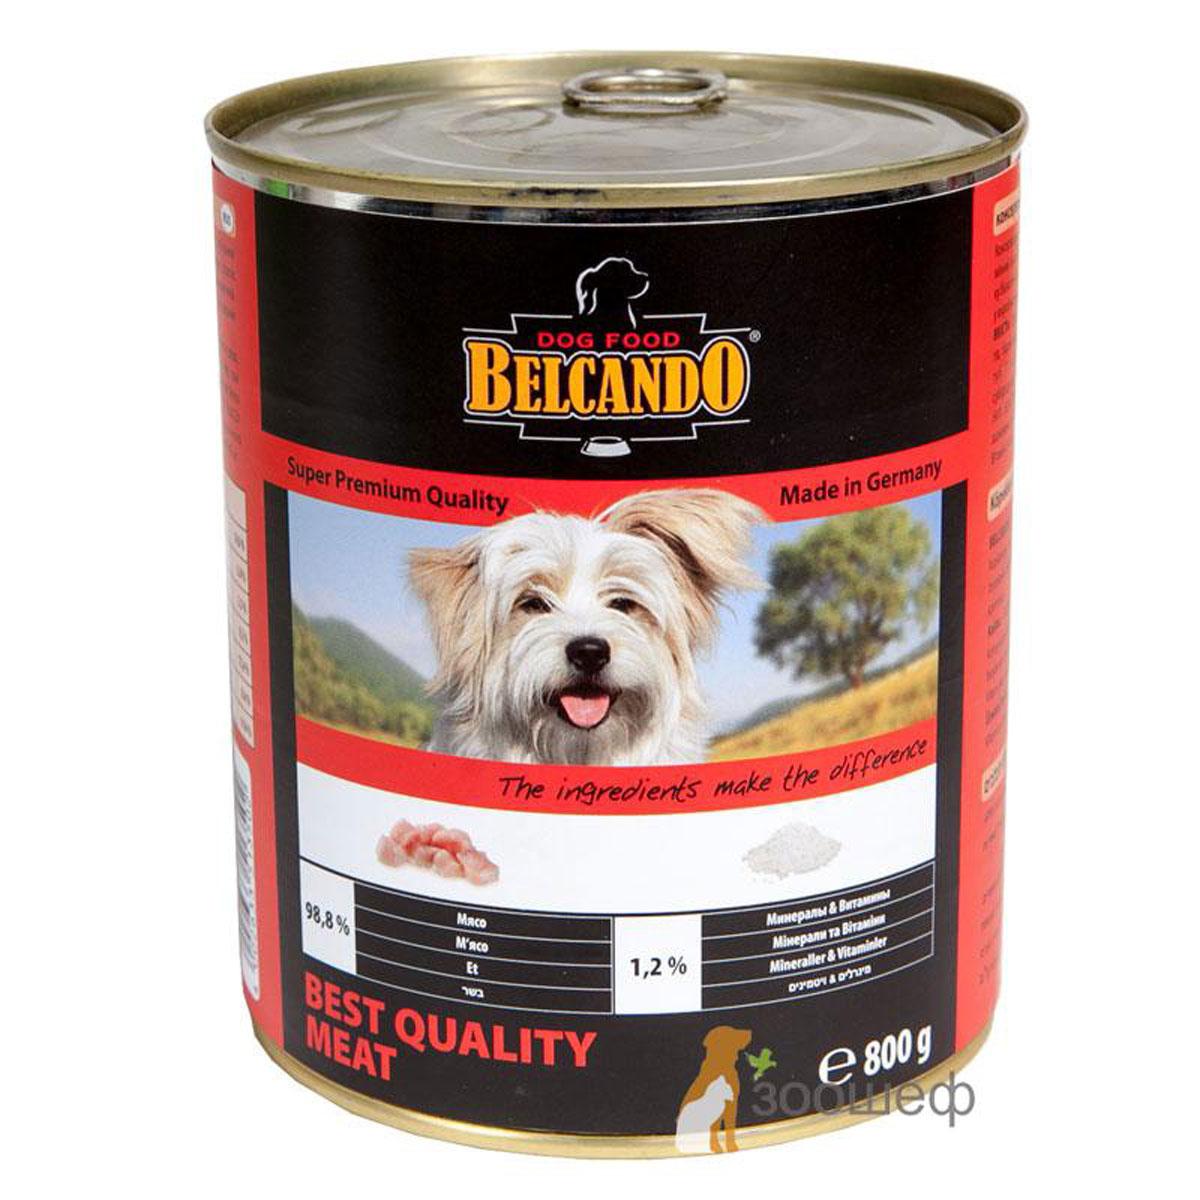 Консервы для собак Belcando, с отборным мясом, 800 г13288Консервы Belcando - это полнорационное влажное питание для собак. Подходят для собак всех возрастов. Комбинируется с любым типом корма, в том числе с натуральной пищей. Состав: мясо 98,8%, витамины и минералы 1,2%. Анализ состава: протеин 14 %, жир 5 %, клетчатка 0,2 %, зола 2,5 %, влажность 75,4 %, витамин А 2,500 МЕ/кг, витамин Е 40 мг/кг, витамин D3 250 МЕ/кг, кальций 0,4 %, фосфор 0,16 %. Вес: 800 г. Товар сертифицирован.